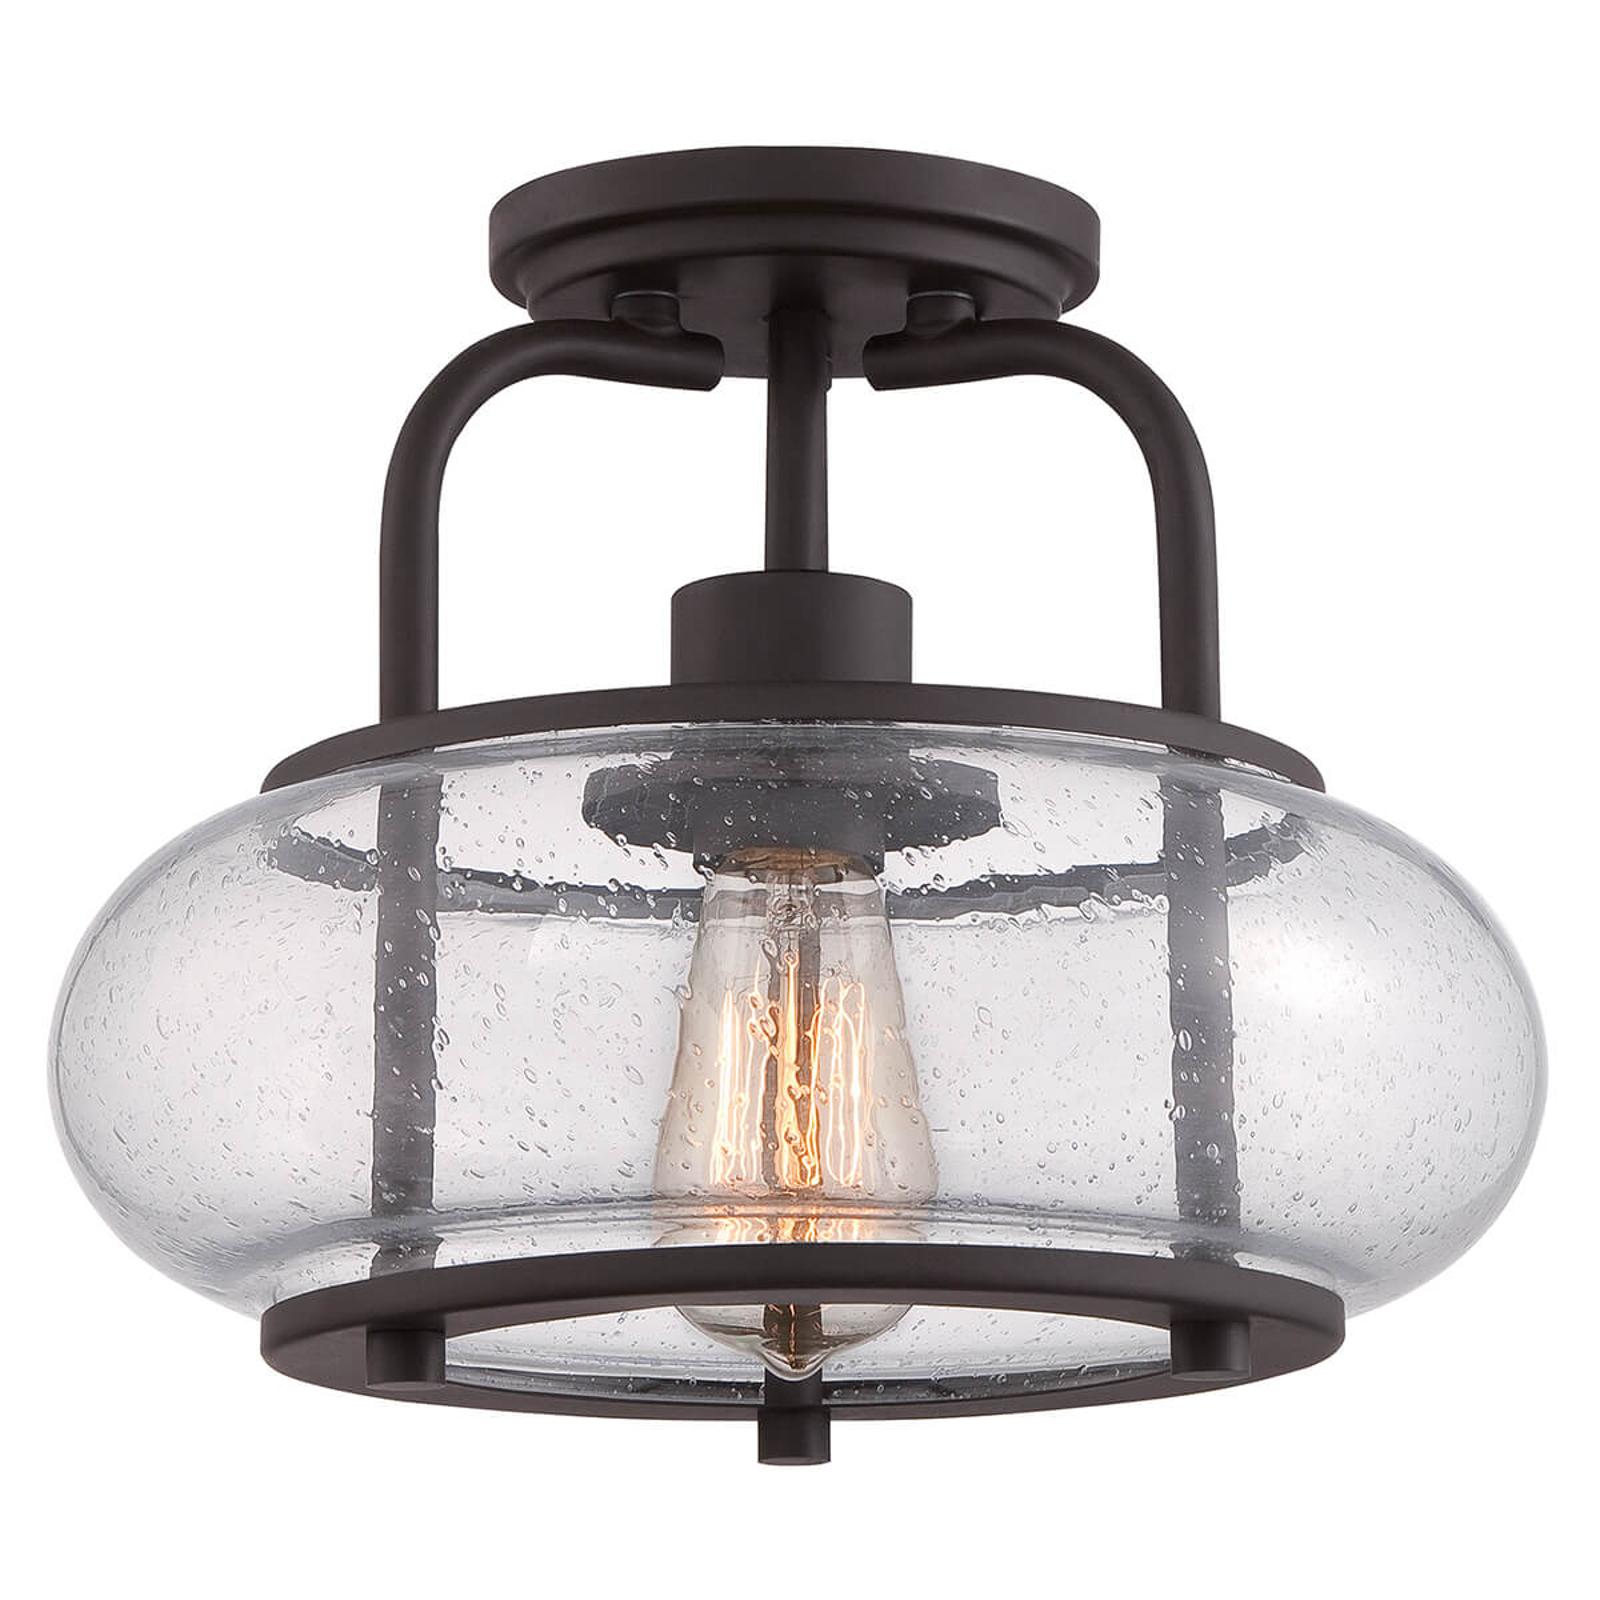 Lampa sufitowa Trilogy z dystansem